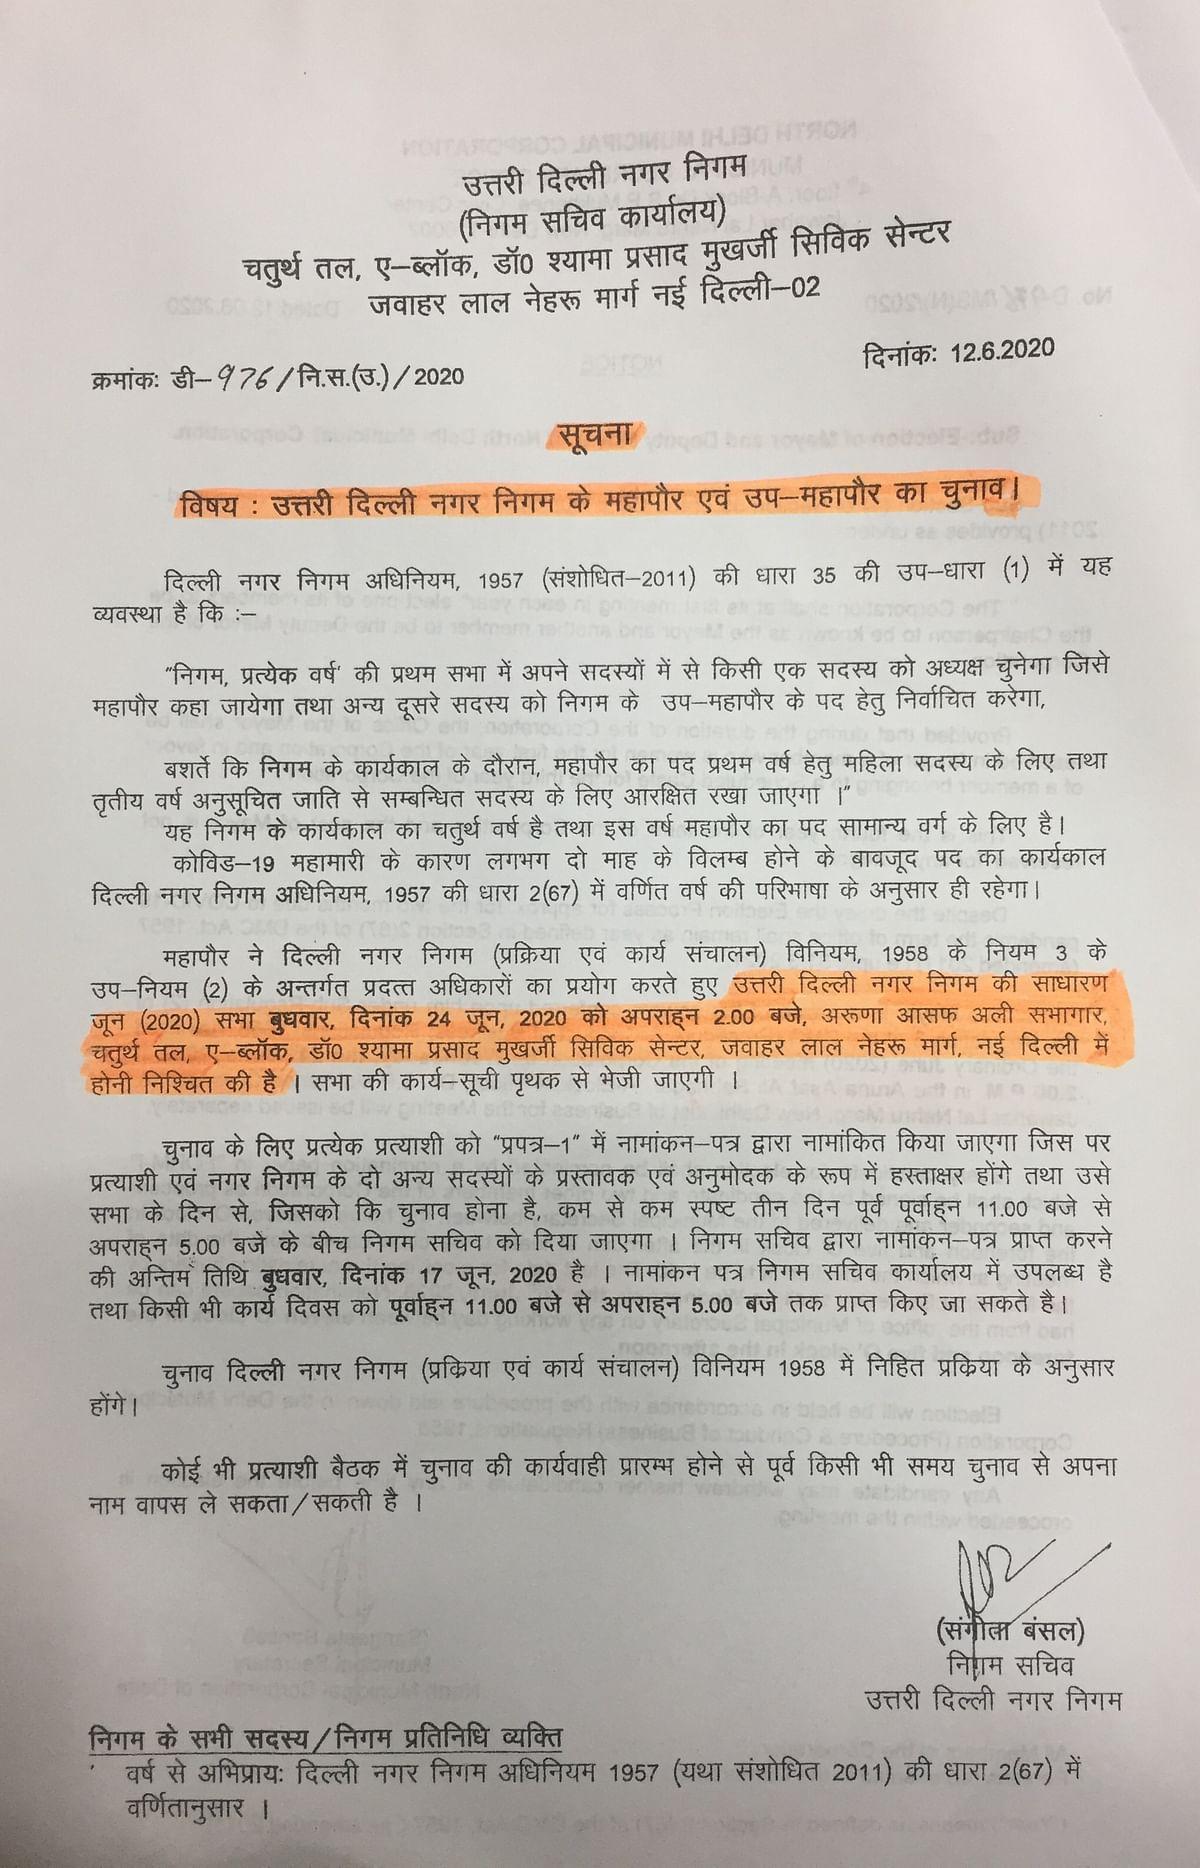 दिल्ली के तीनों नगर निगम के महापौर और उप-महापौर के चुनाव 24 को